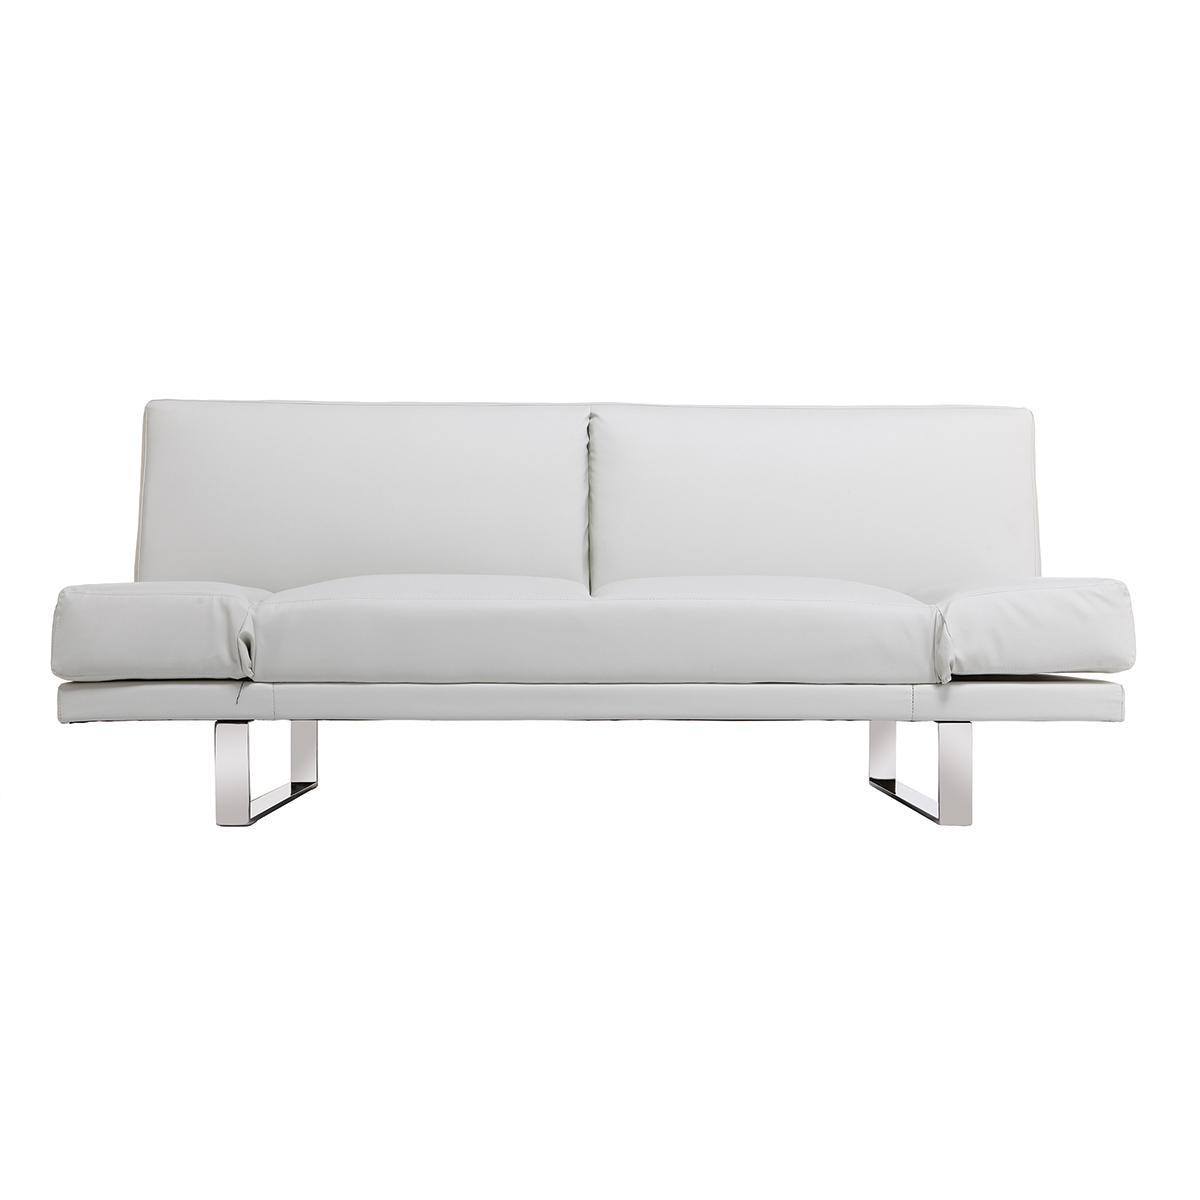 Divano convertibile design PU bianco ATLANTA